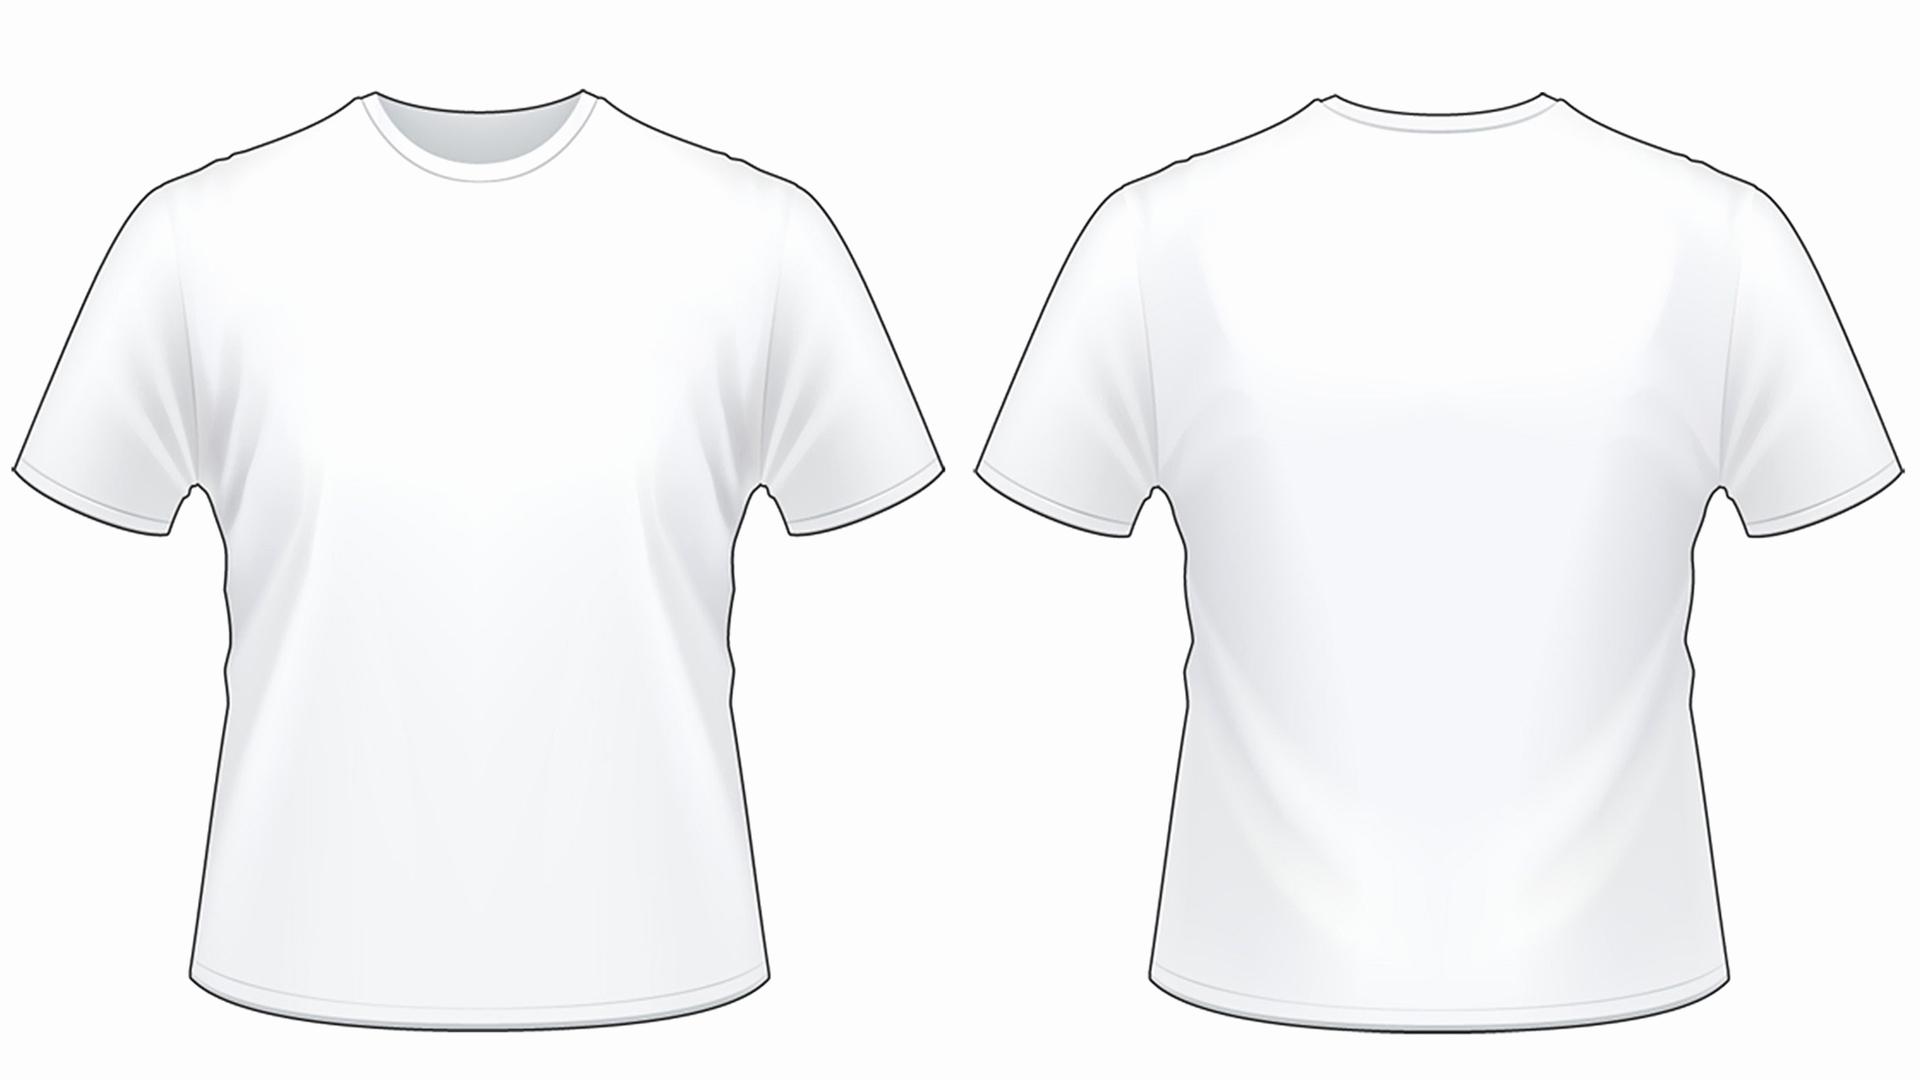 Blank Tshirt Template Beautiful Blank Tshirt Template Worksheet In Png Hd Wallpapers